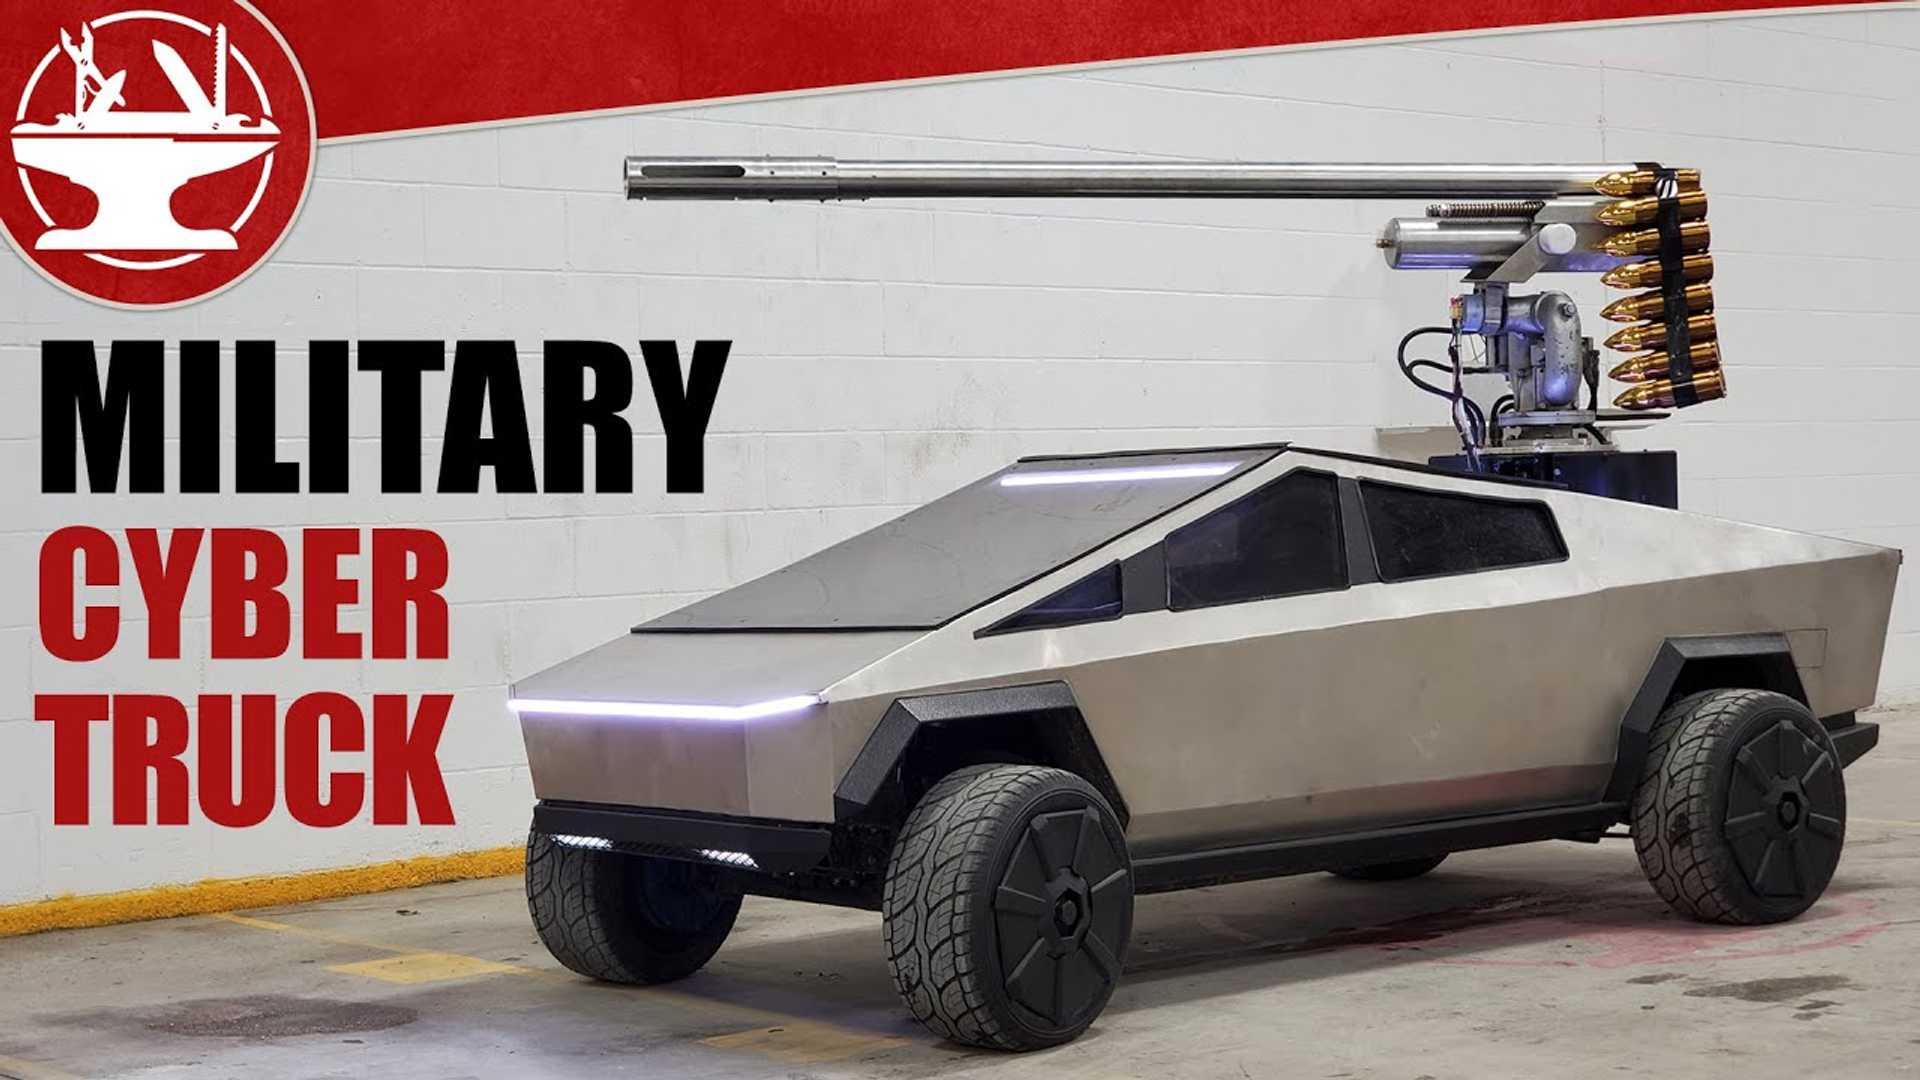 Проверьте этот военный проект Тесла Кибертрюк через Хаксмит